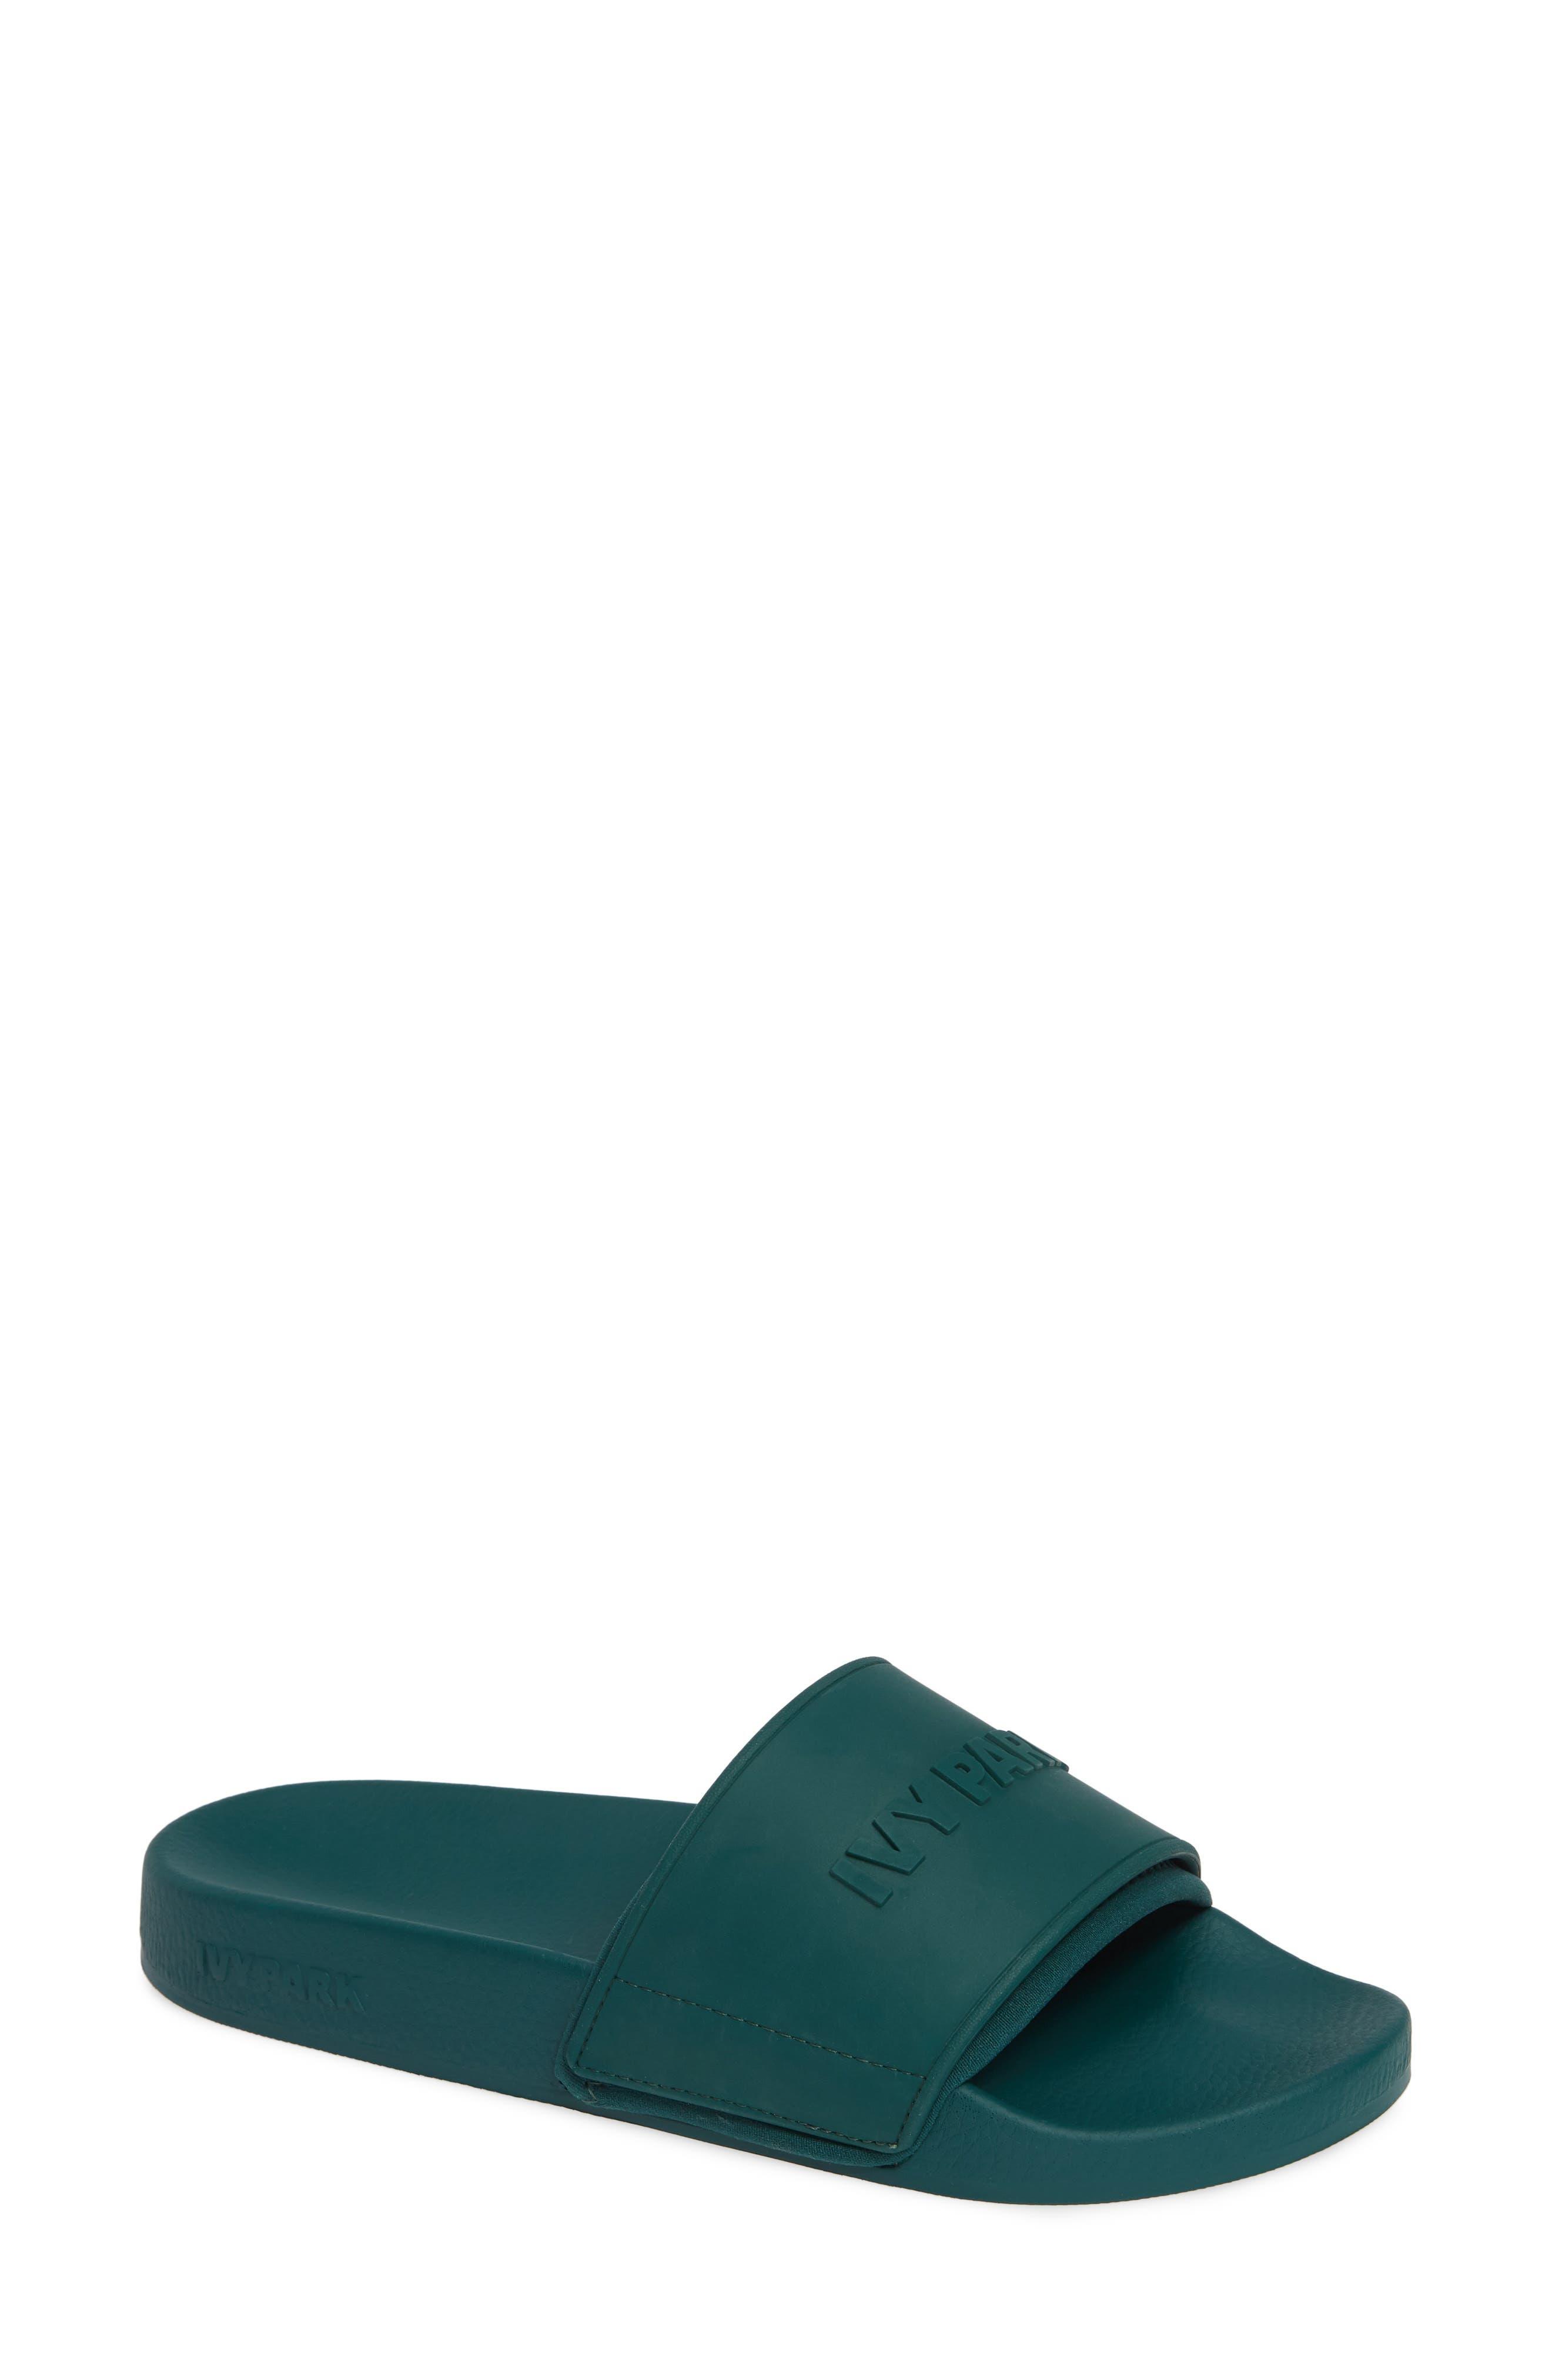 IVY PARK<SUP>®</SUP> Embossed Logo Slide Sandal, Main, color, 300